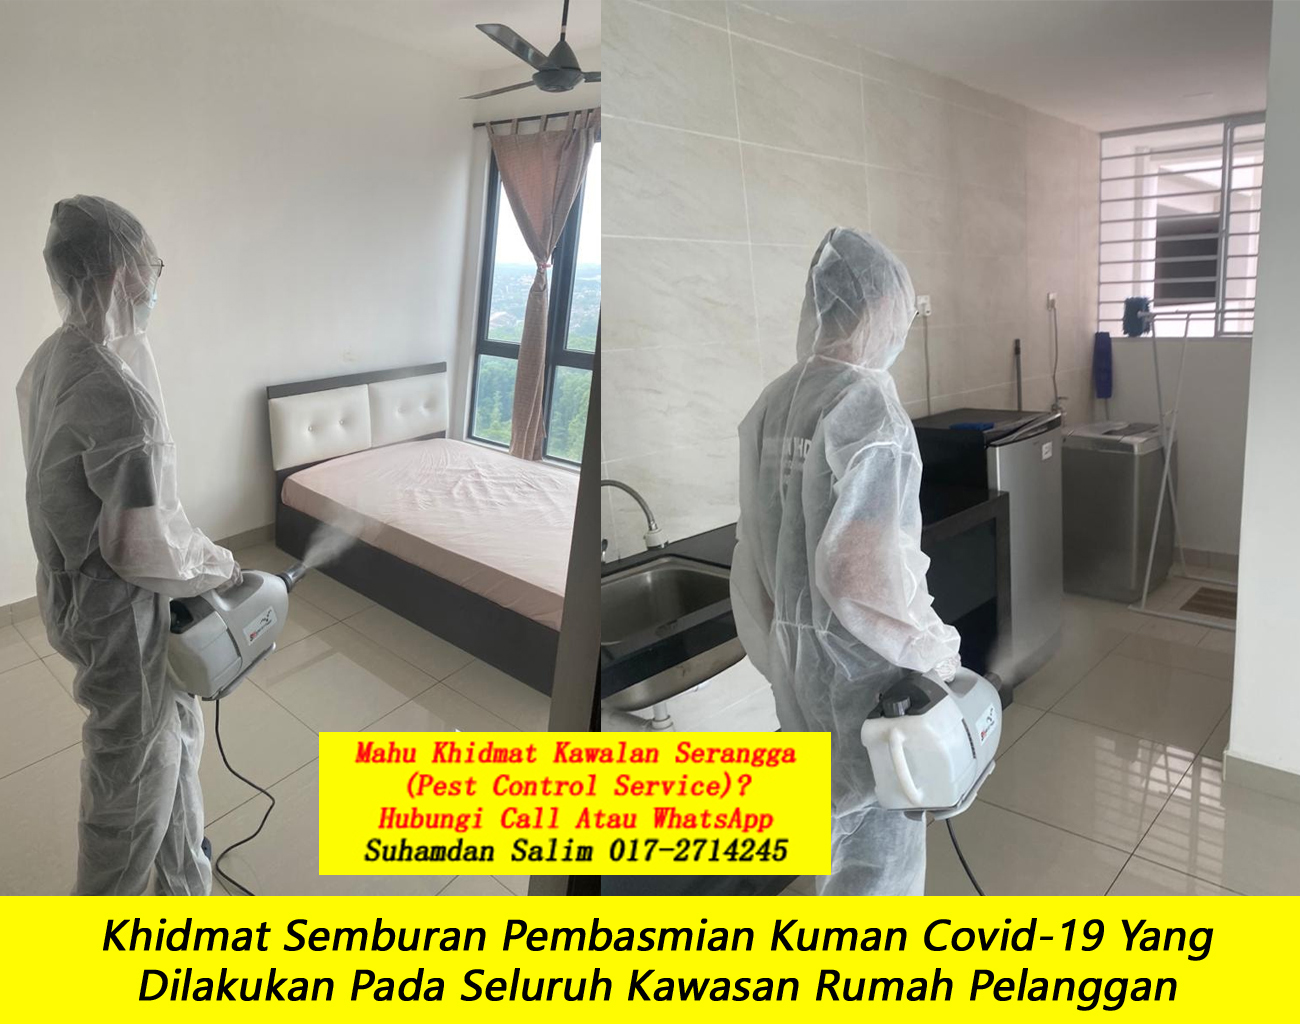 khidmat sanitizing membasmi kuman Covid-19 Disinfection Service di pasir gudang semburan membasmi kuman covid 19 paling berkesan dengan harga berpatutan the best service covid-19